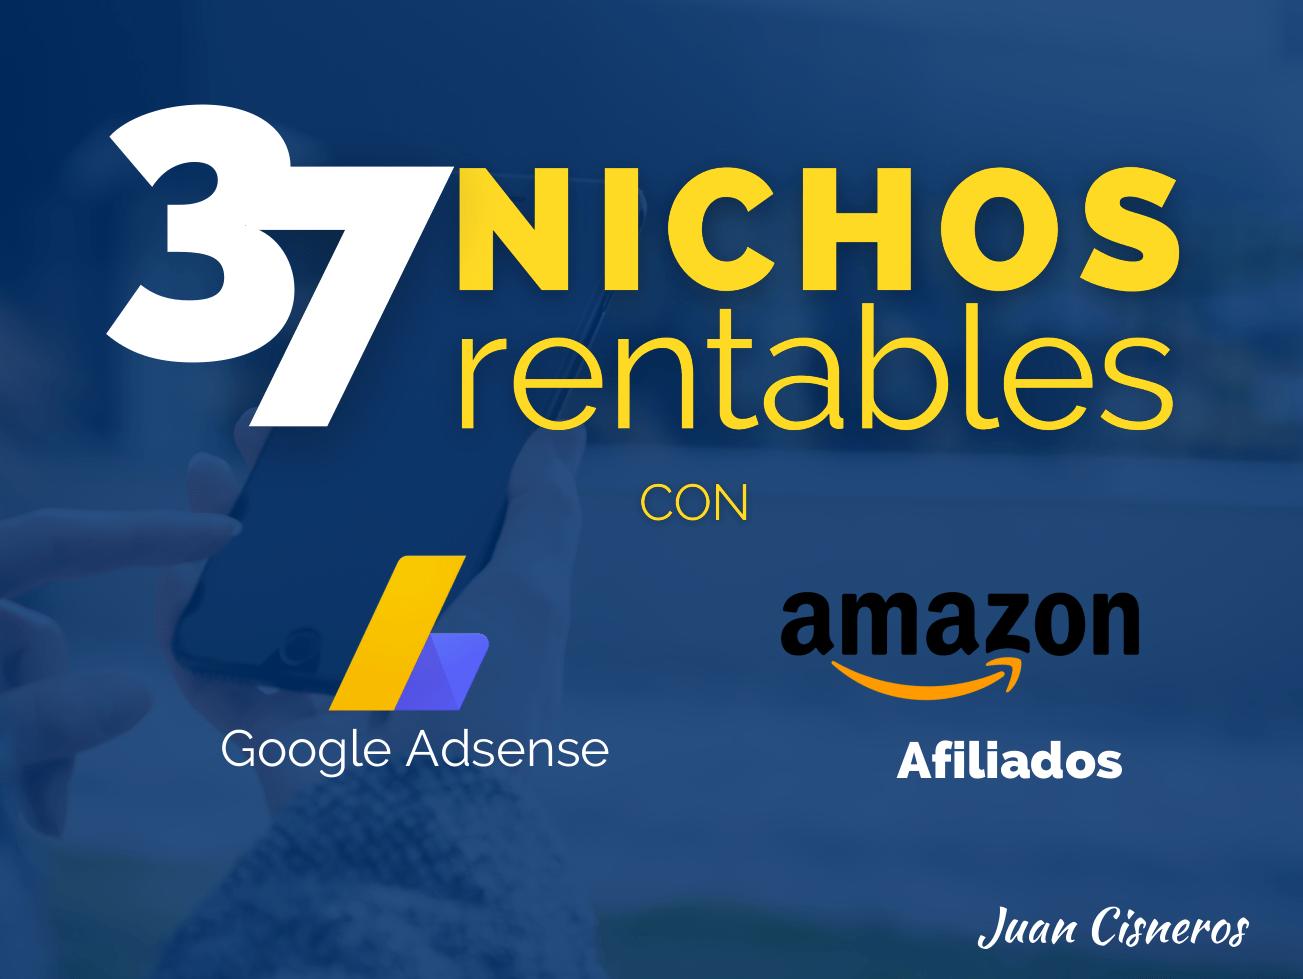 Nichos rentables Amazon y Adsense